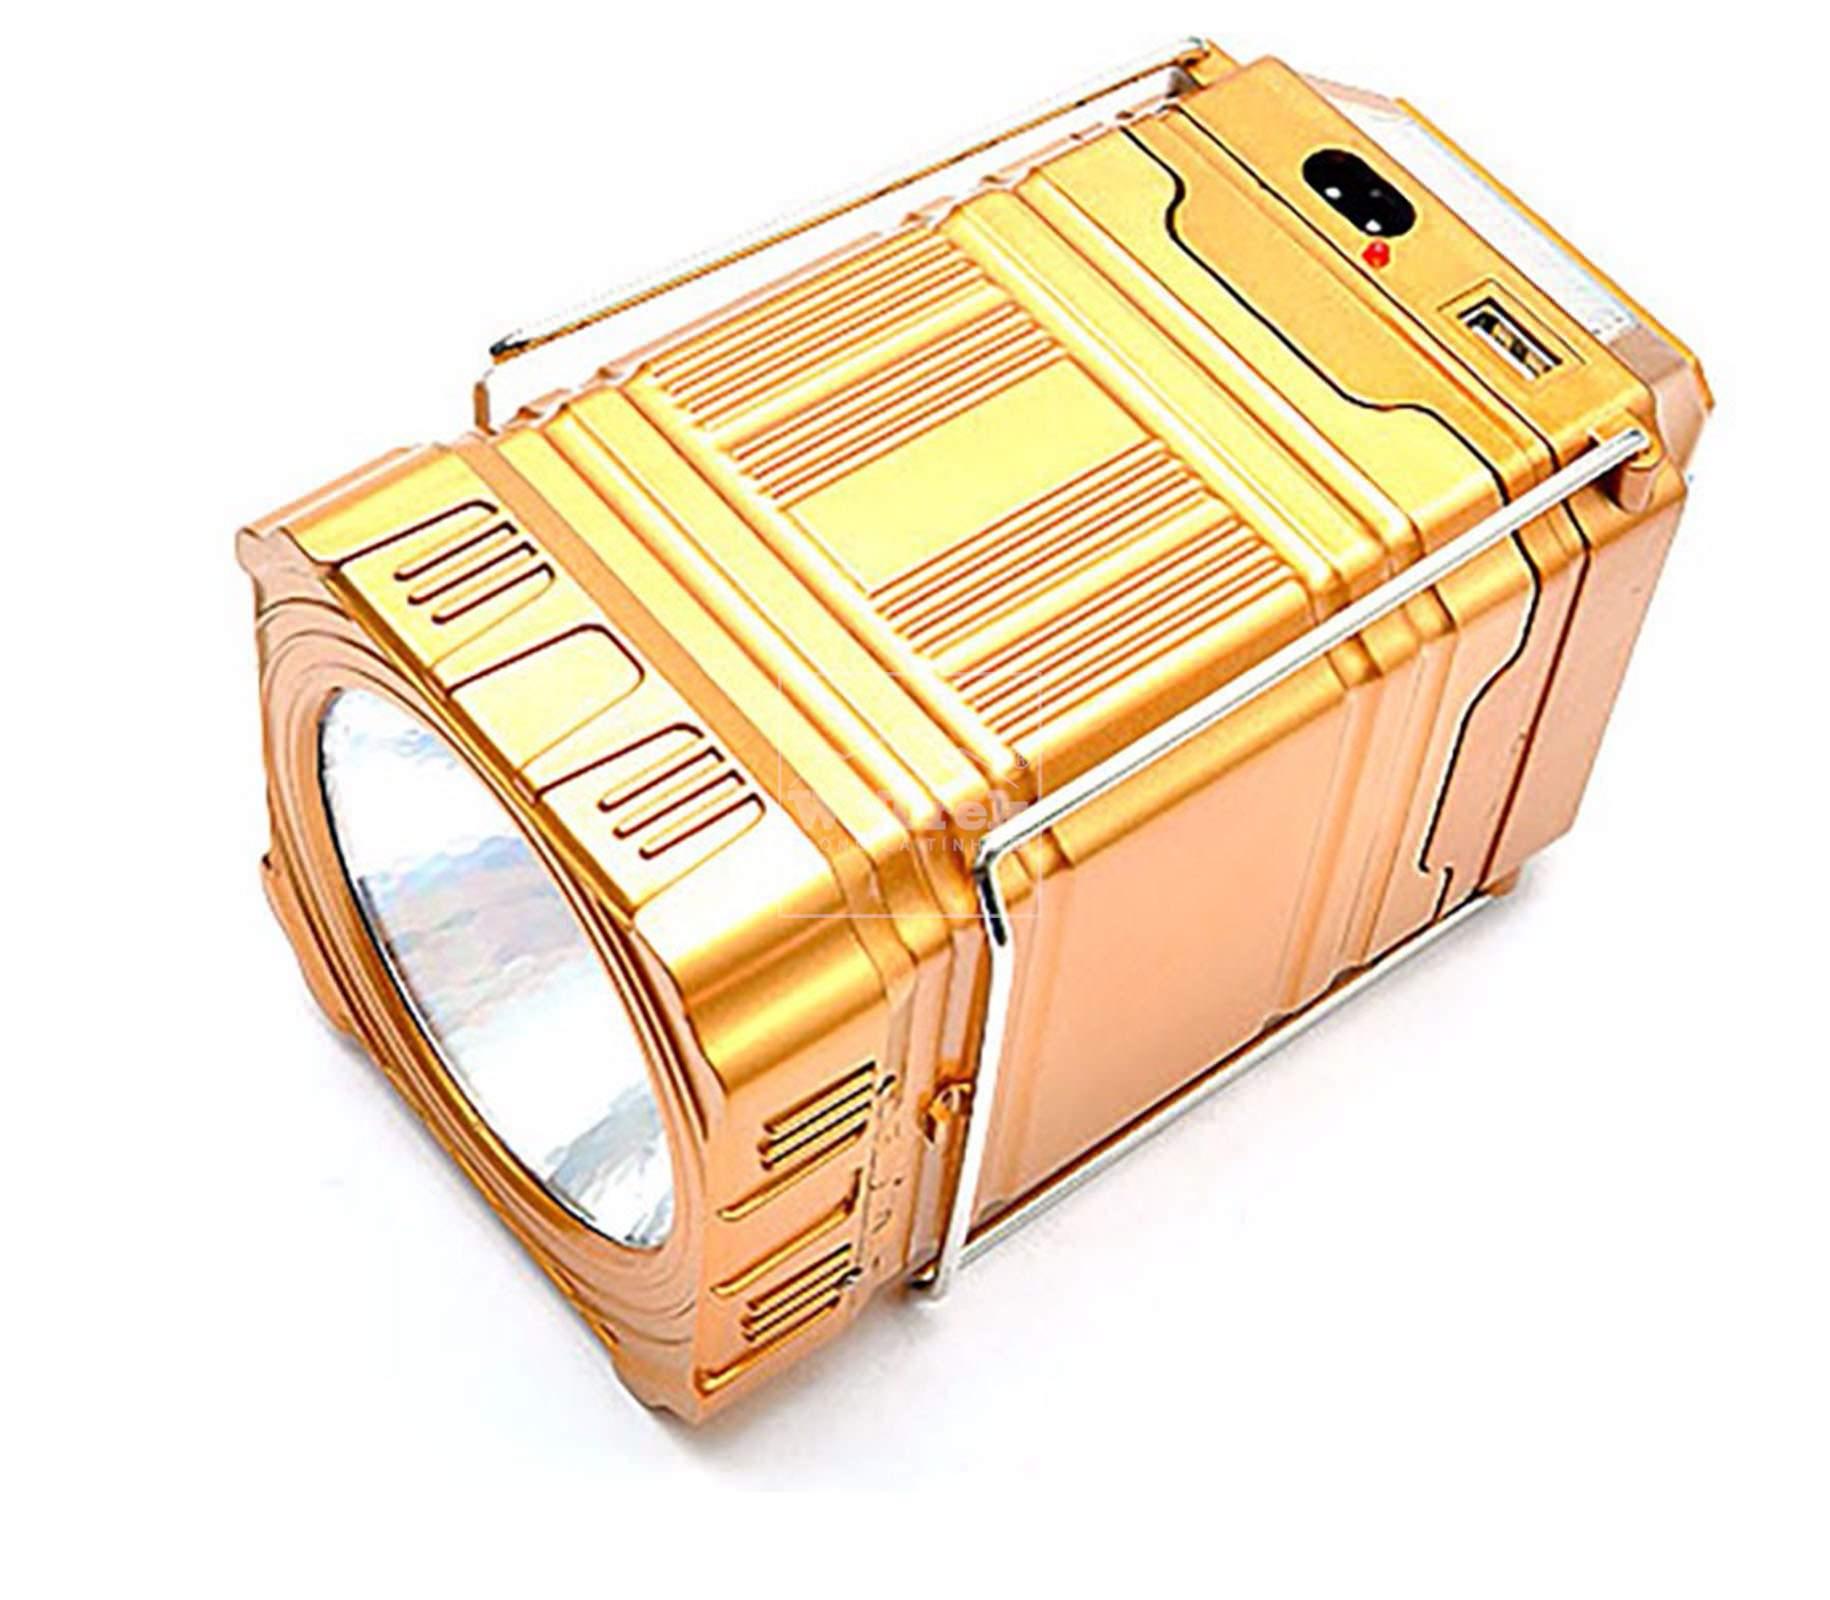 den-leu-8-4-1-led-rechargeable-camping-lantern-gsh-9009a-wetrek.vn-5